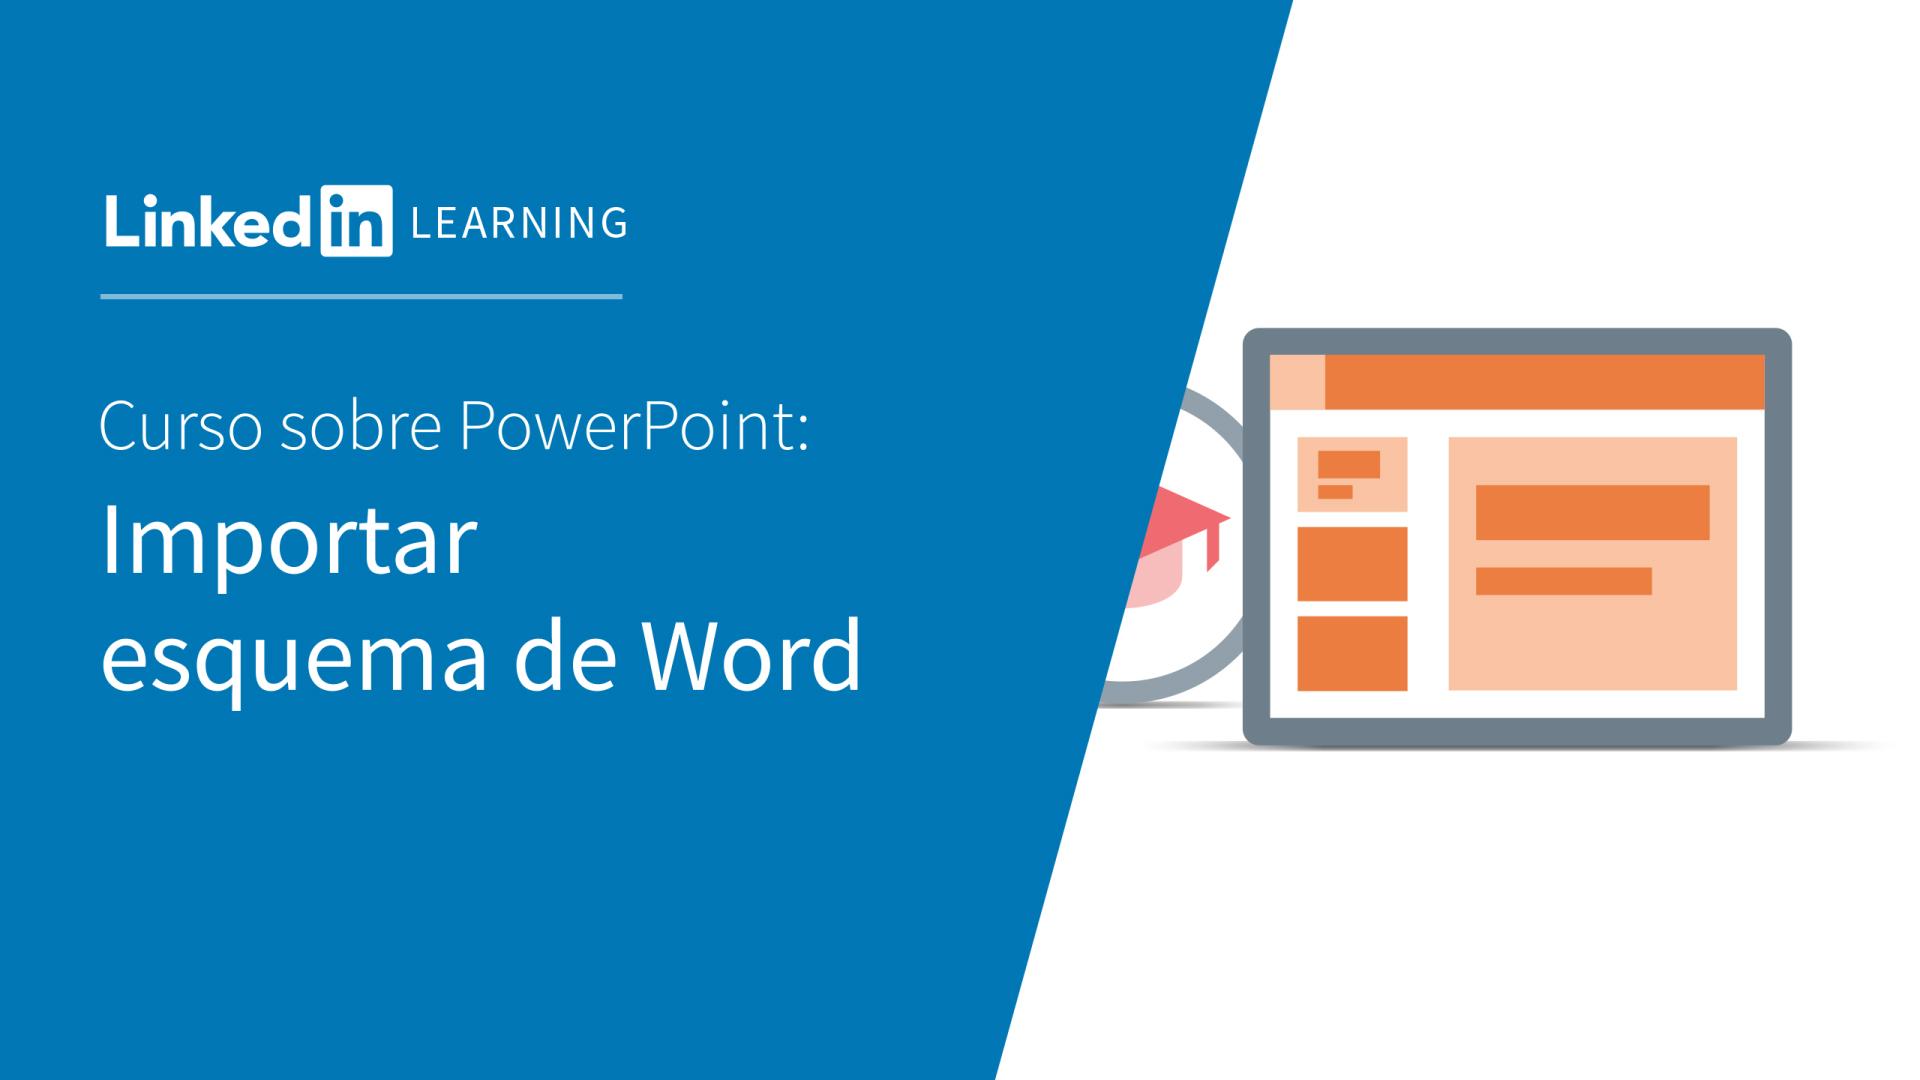 Vídeo: Importación de un esquema de Word en PowerPoint - PowerPoint